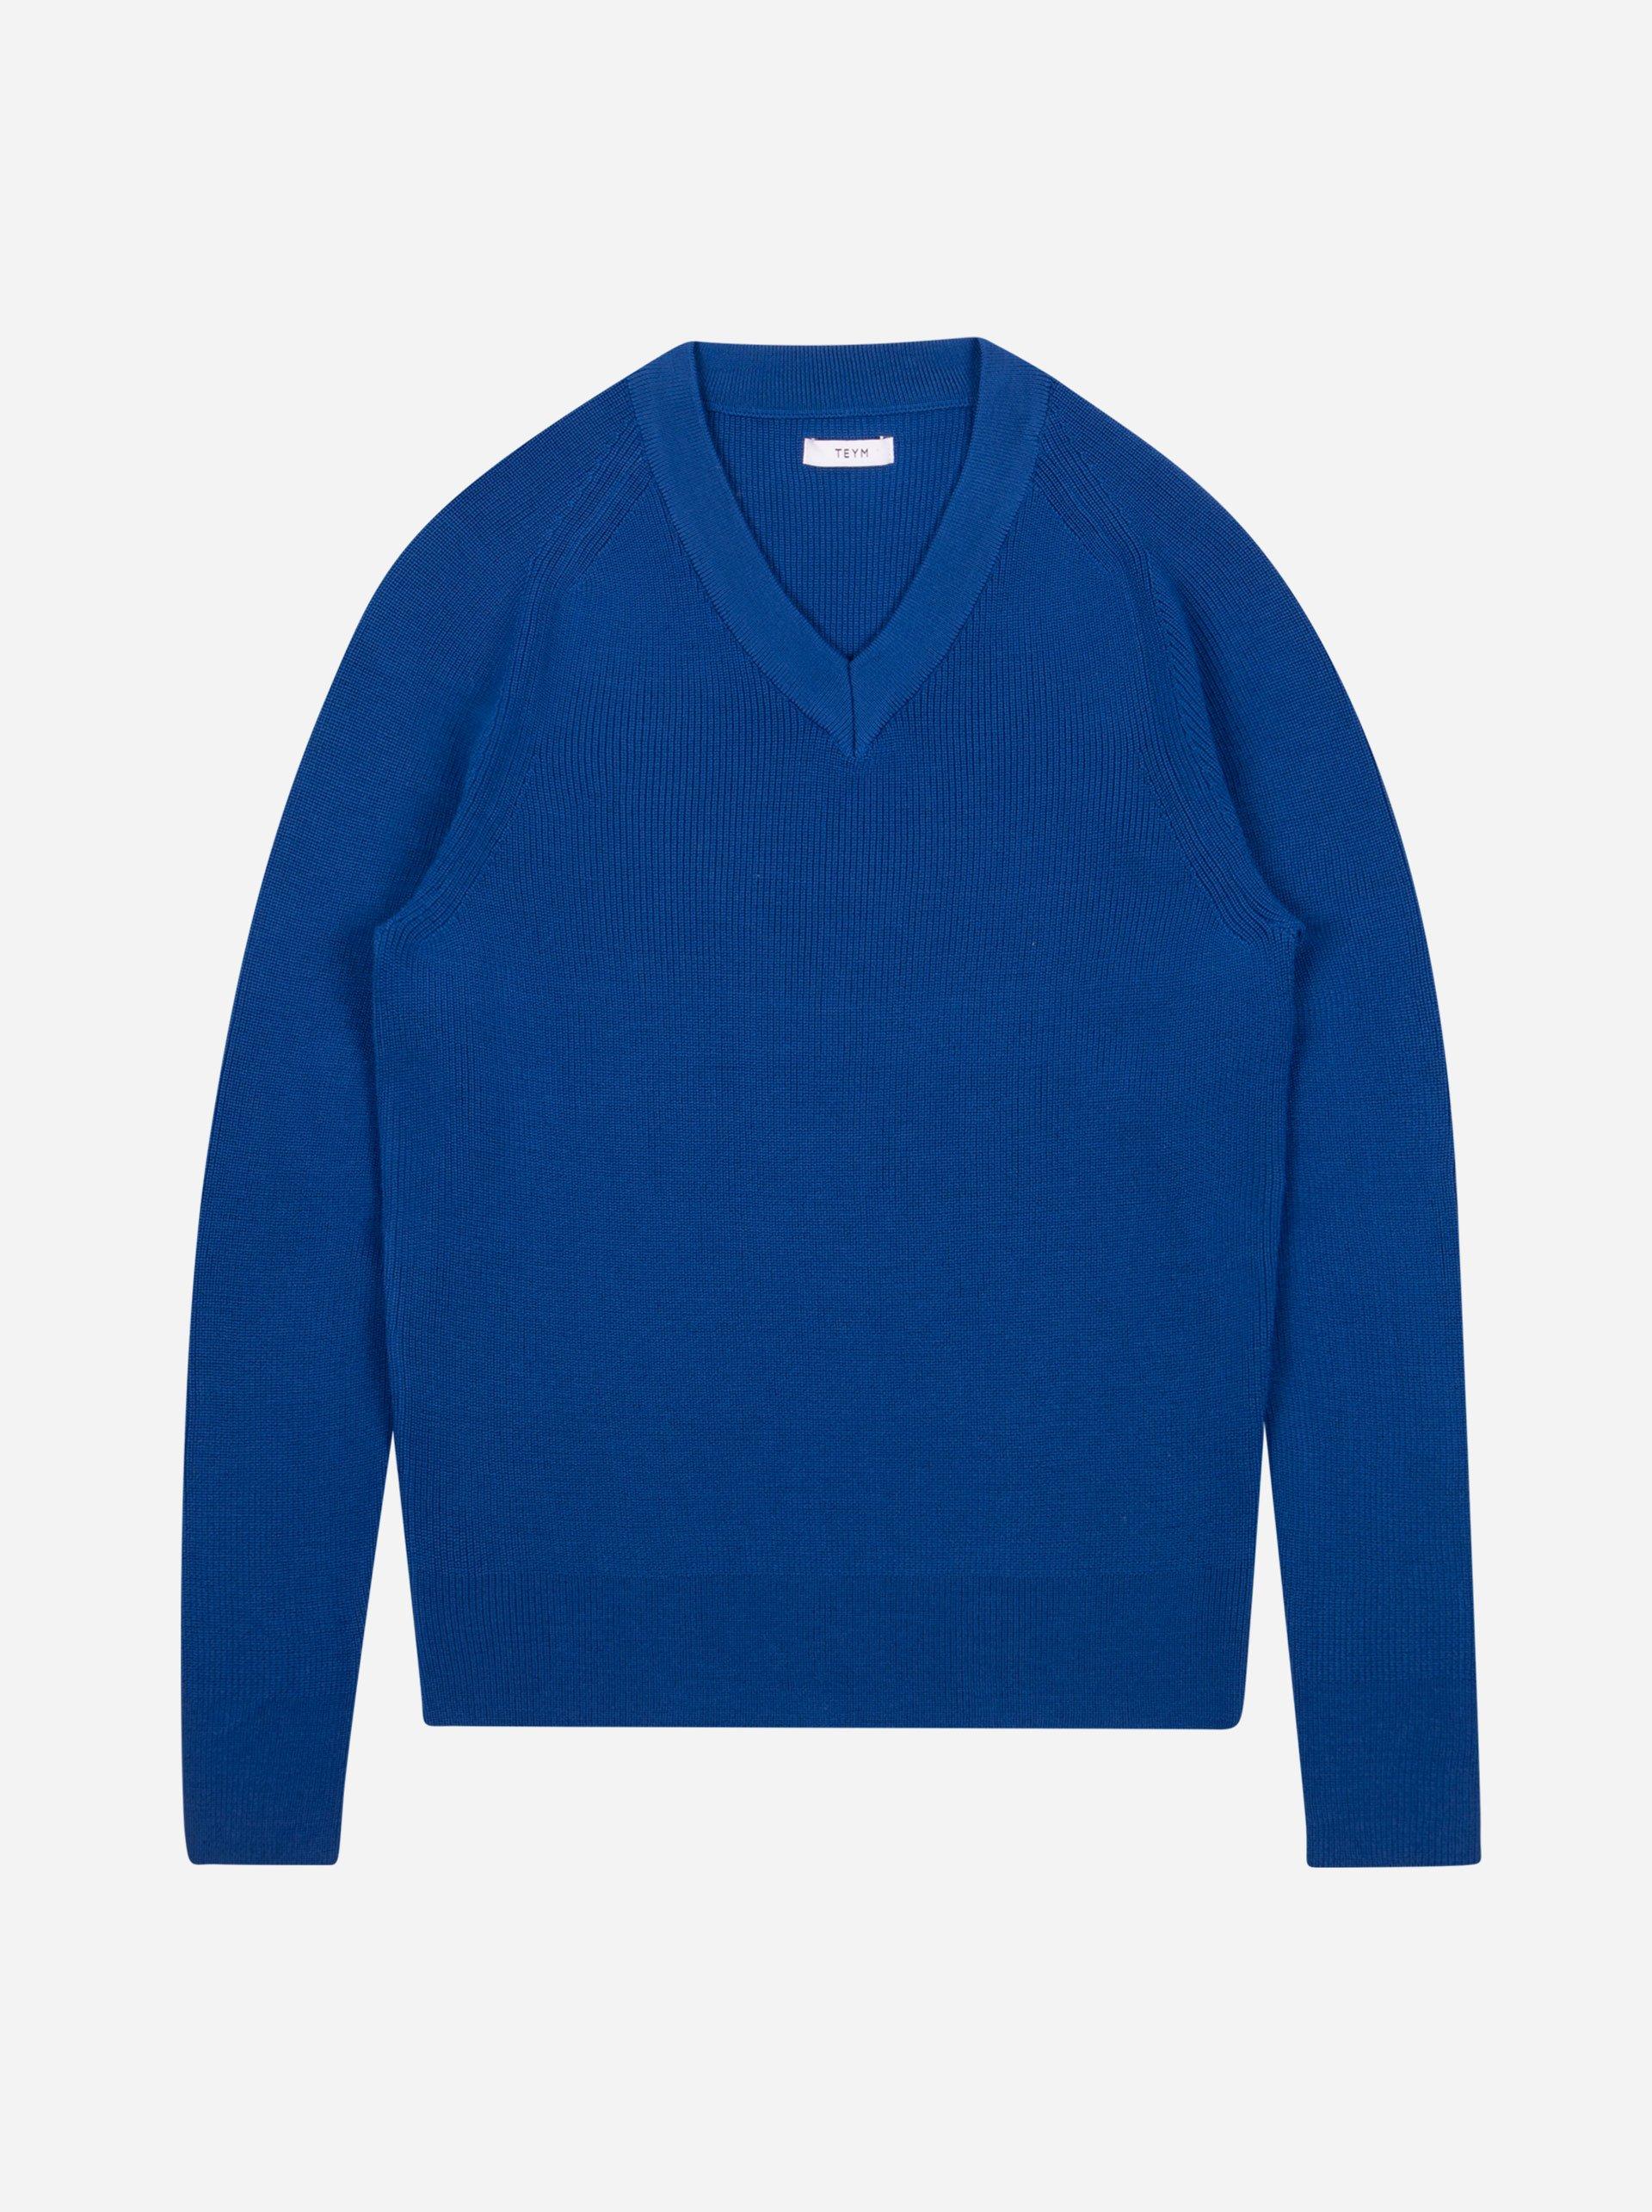 Teym - V-Neck - The Merino Sweater - Men - Cobalt blue - 4